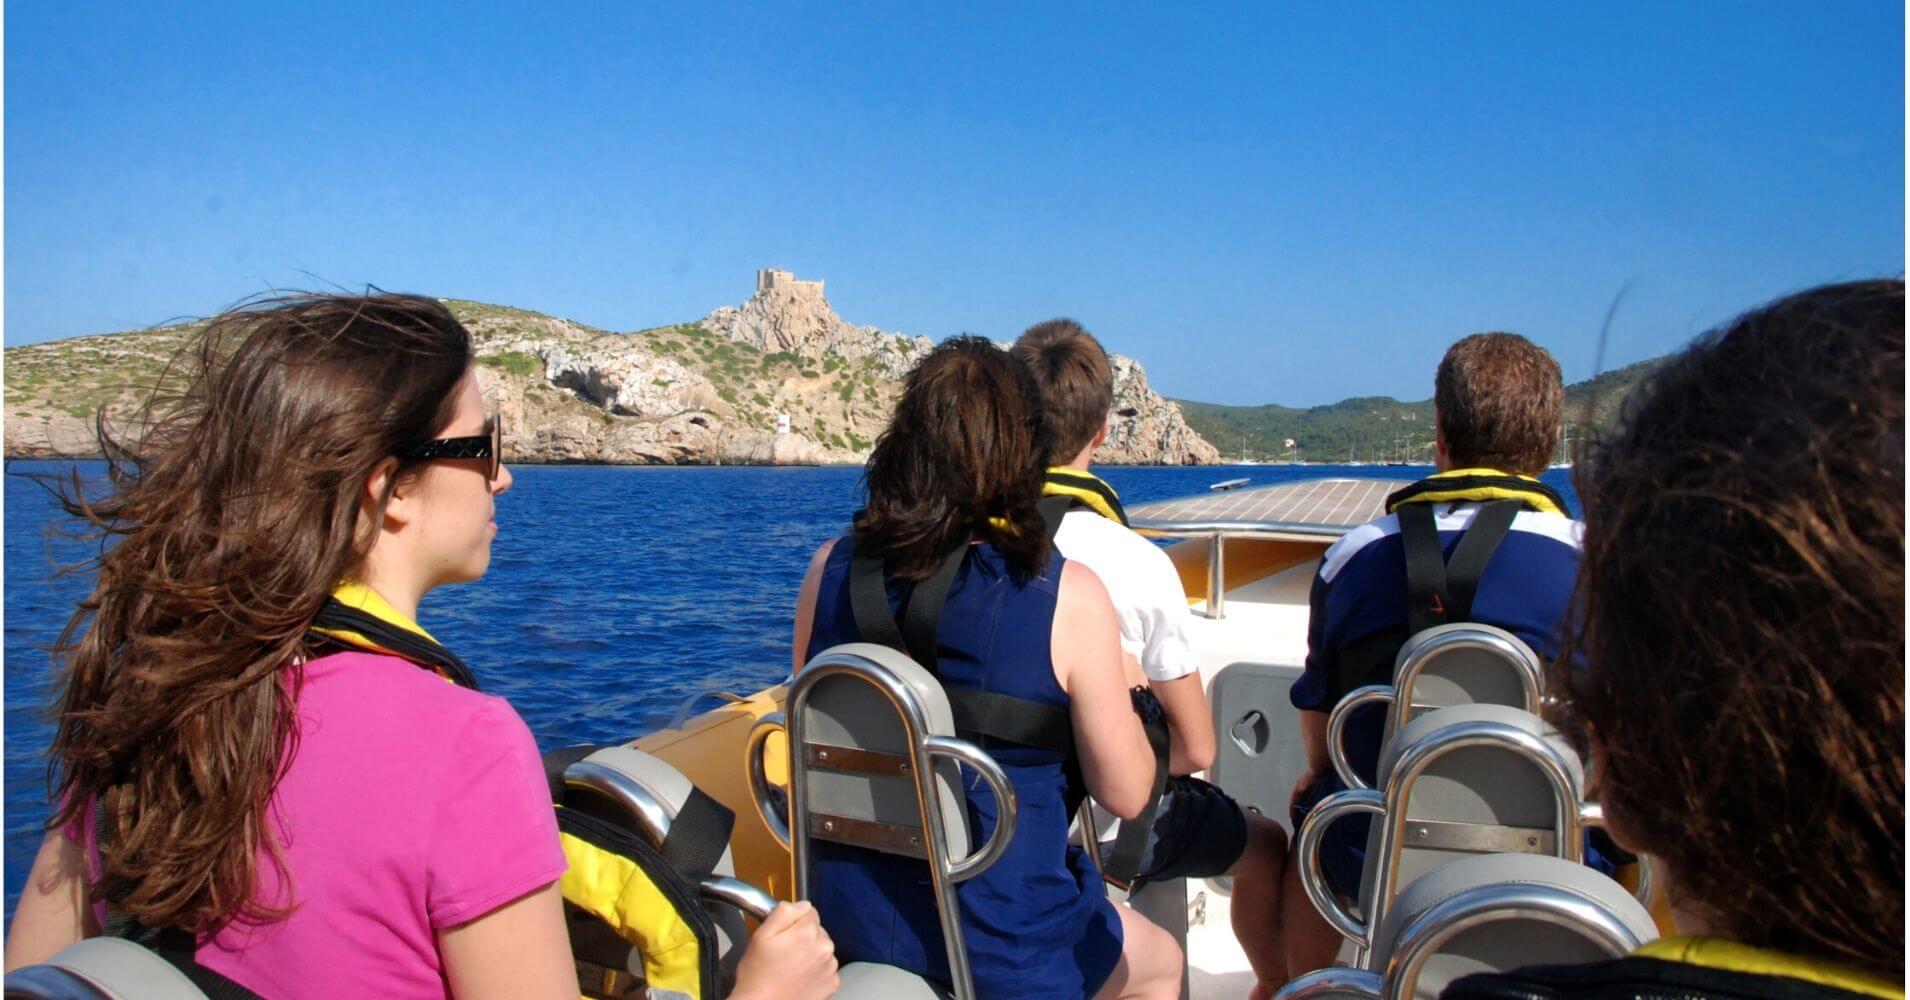 Speed Boat en Cabrera. Parque Nacional del Archipiélago de la Cabrera. Islas Baleares.